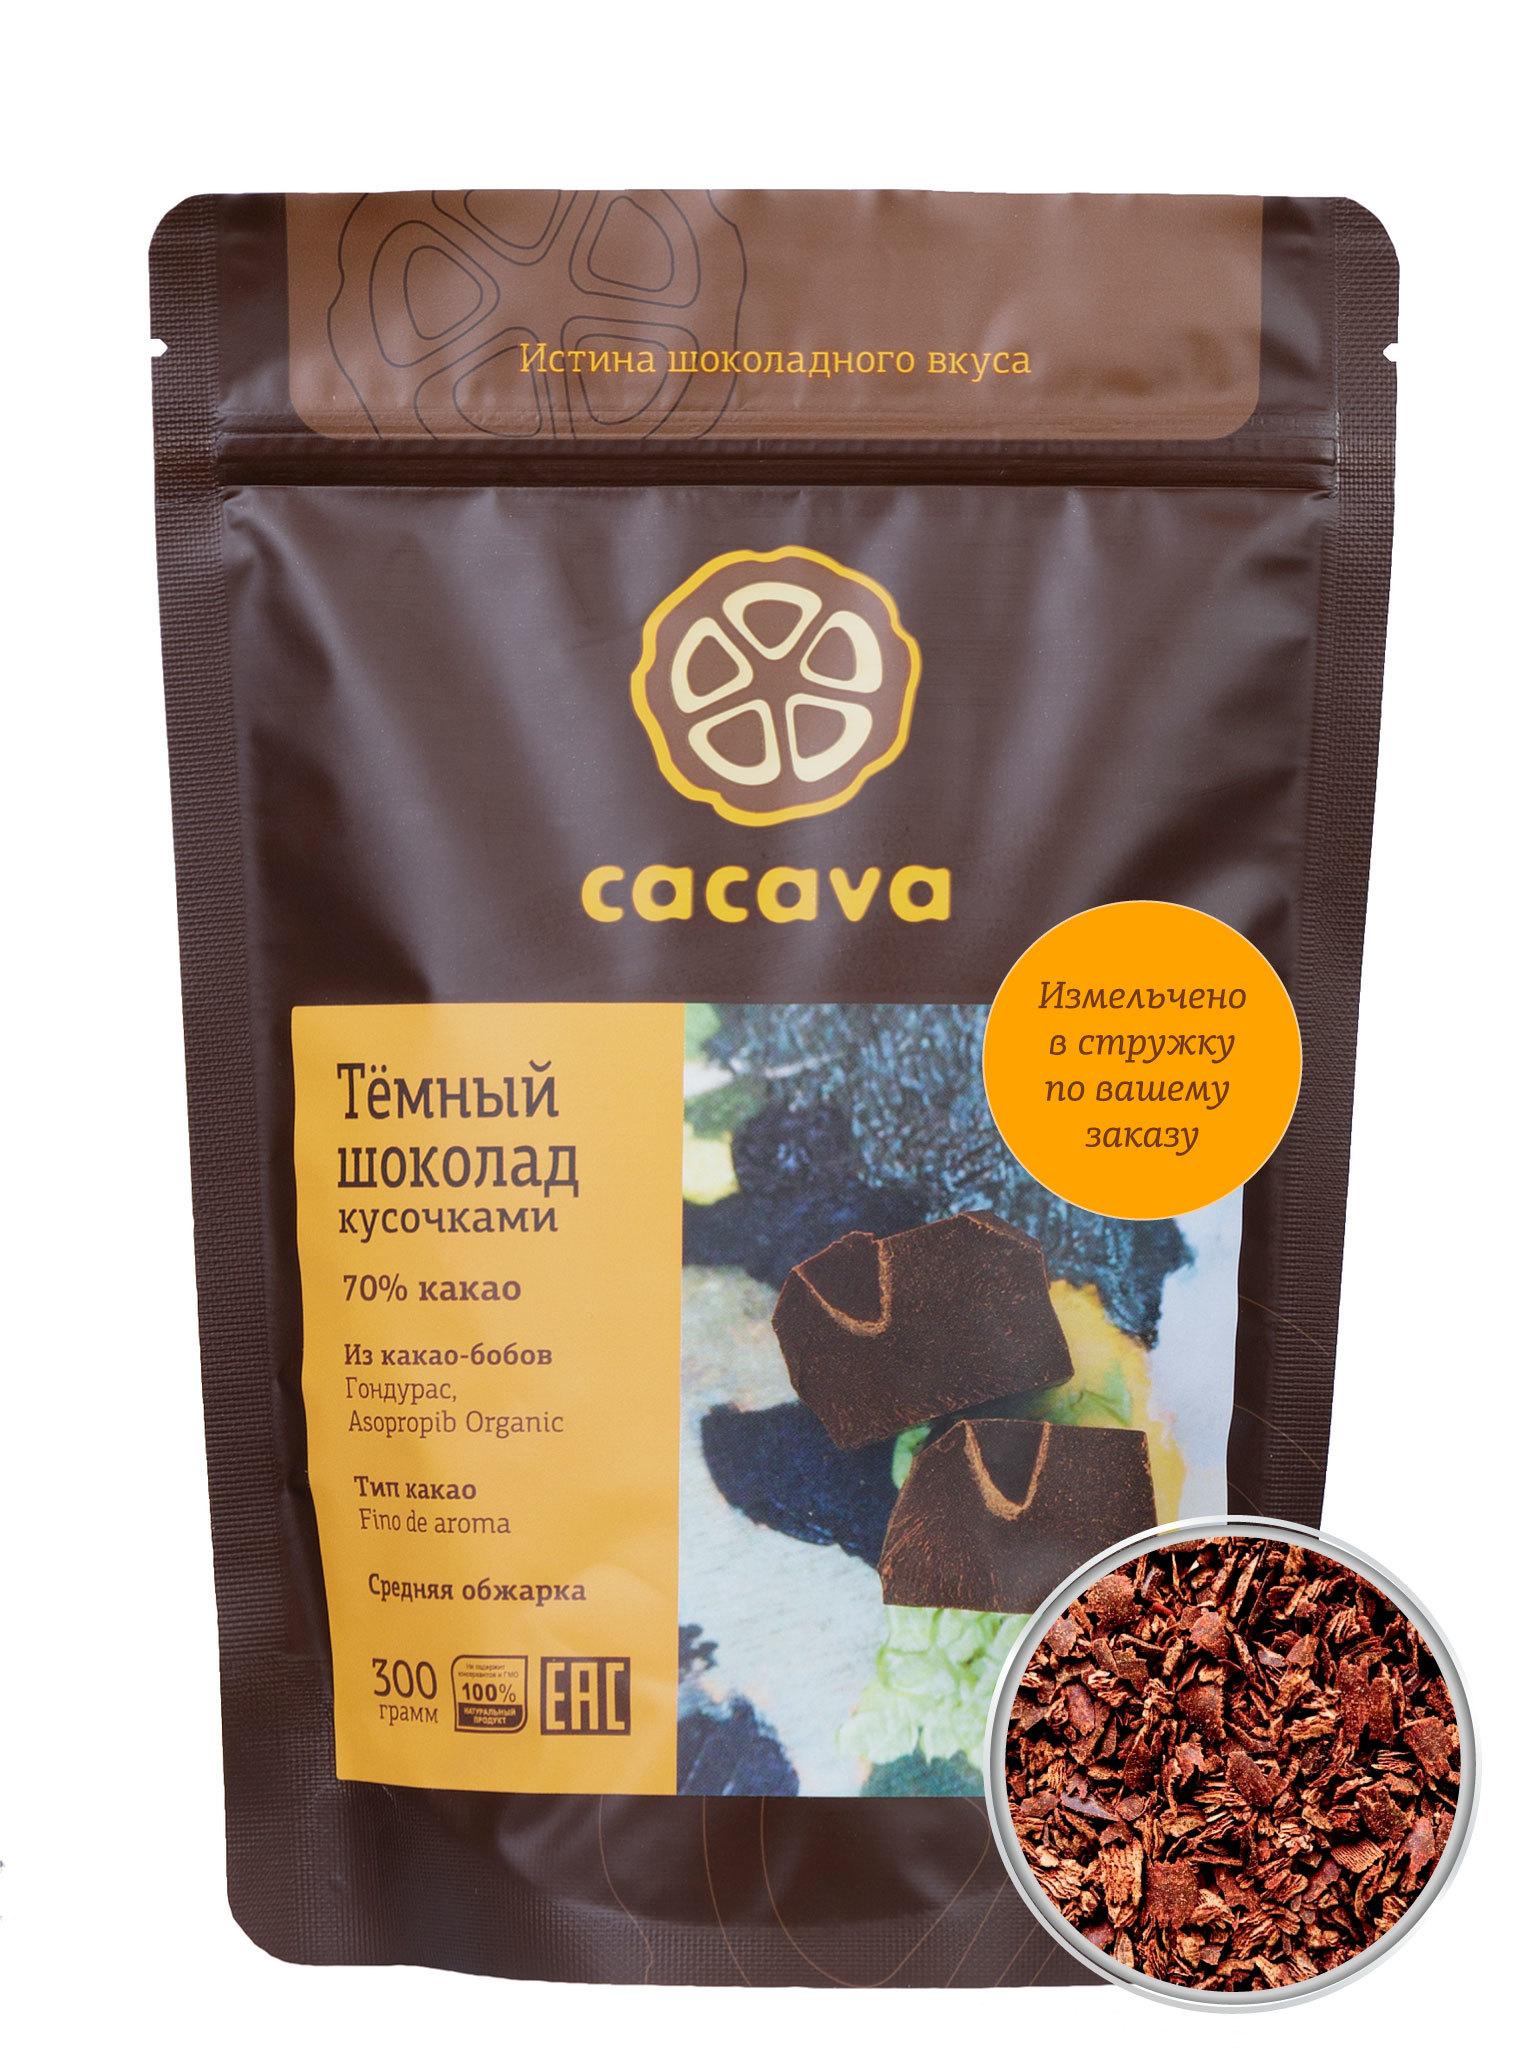 Тёмный шоколад 70 % какао в стружке (Гондурас, Asopropib), упаковка 300 грамм